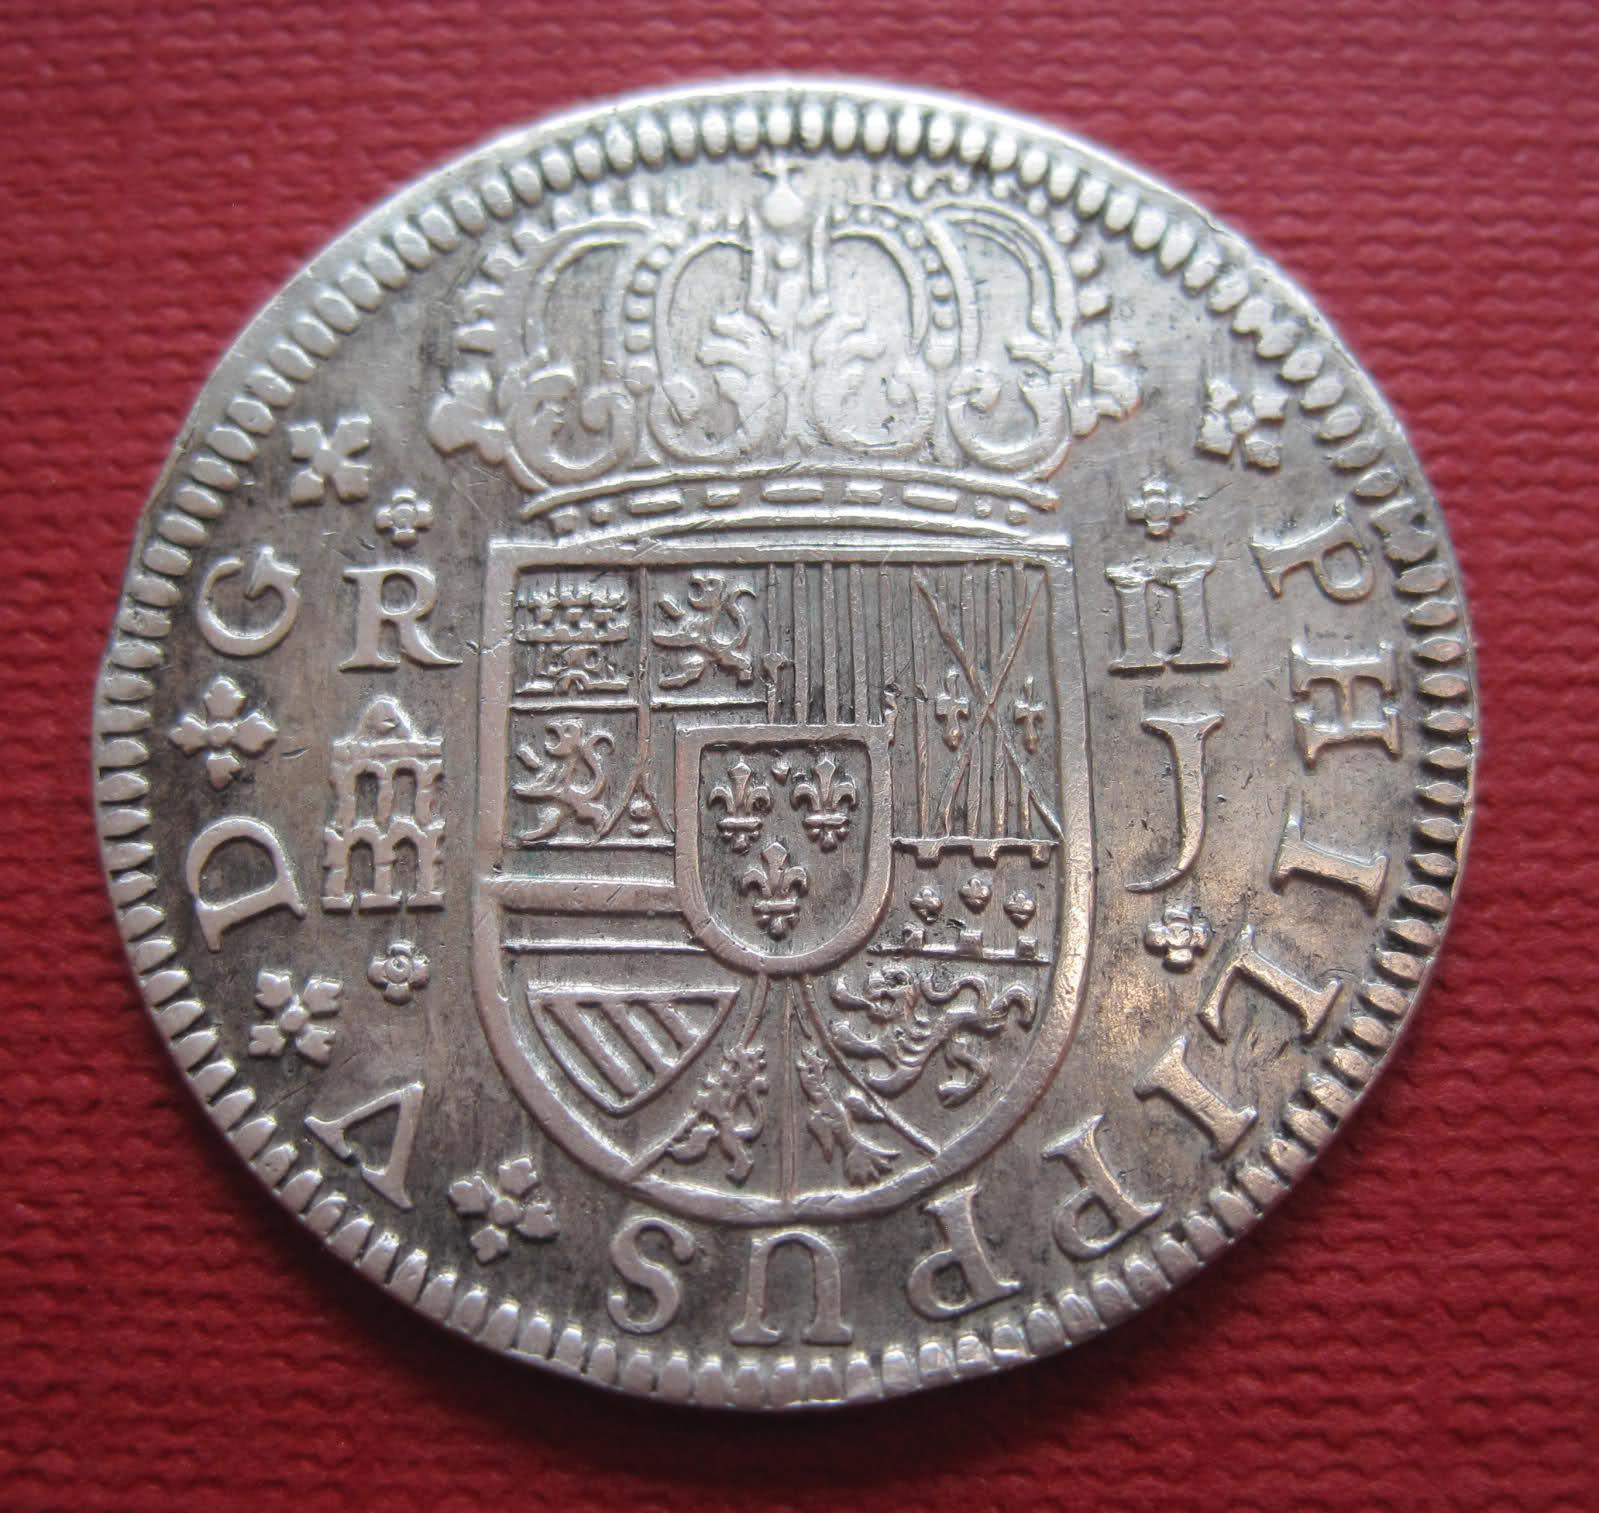 2 Reales de Felipe V 1719 Ceca Segovia 1zd8178